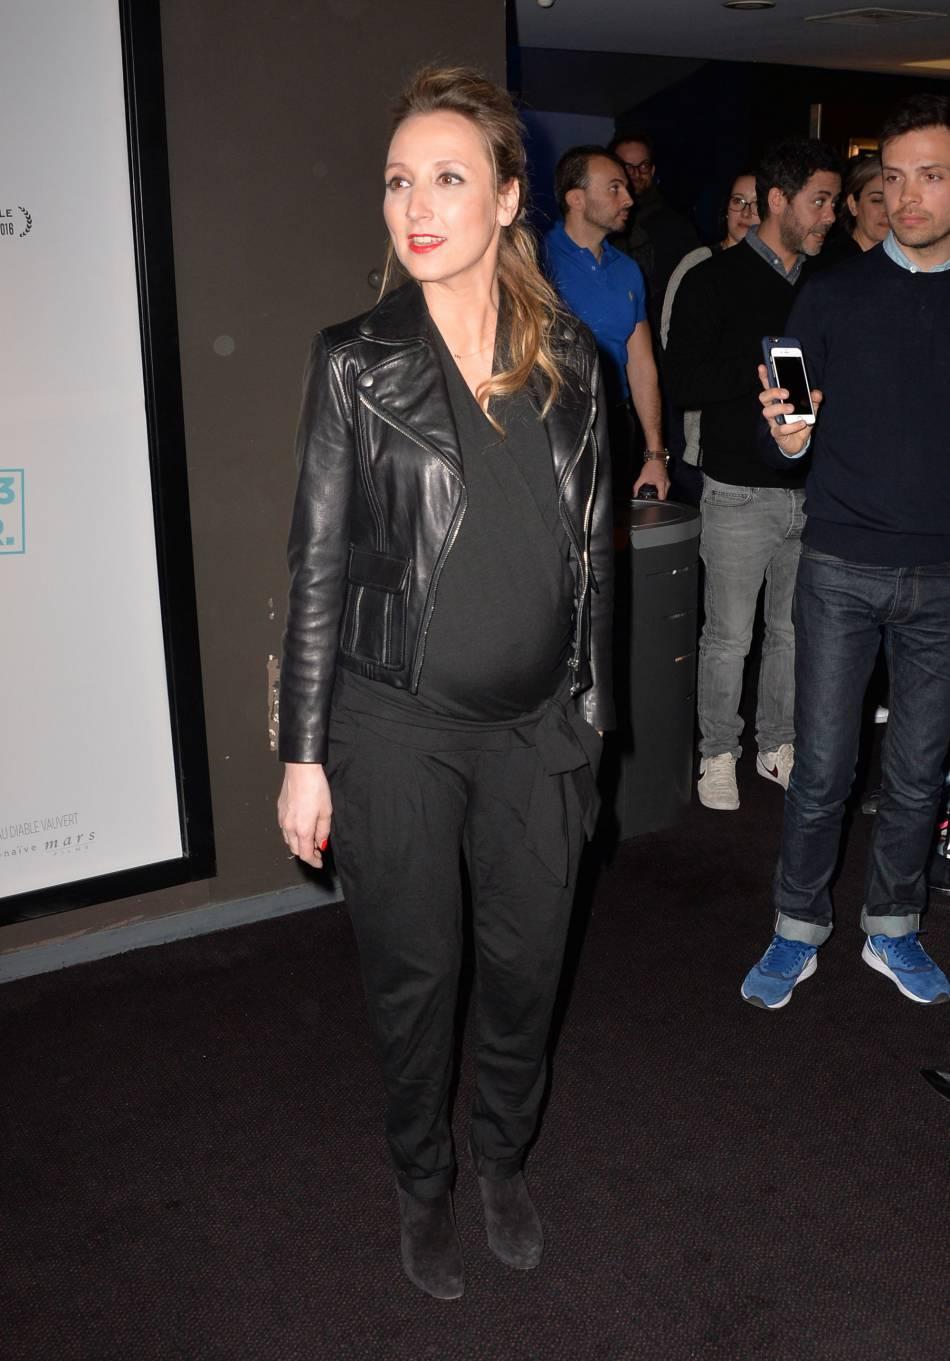 L'actrice a annoncé la naissance de son premier enfant le 13 juillet dernier.